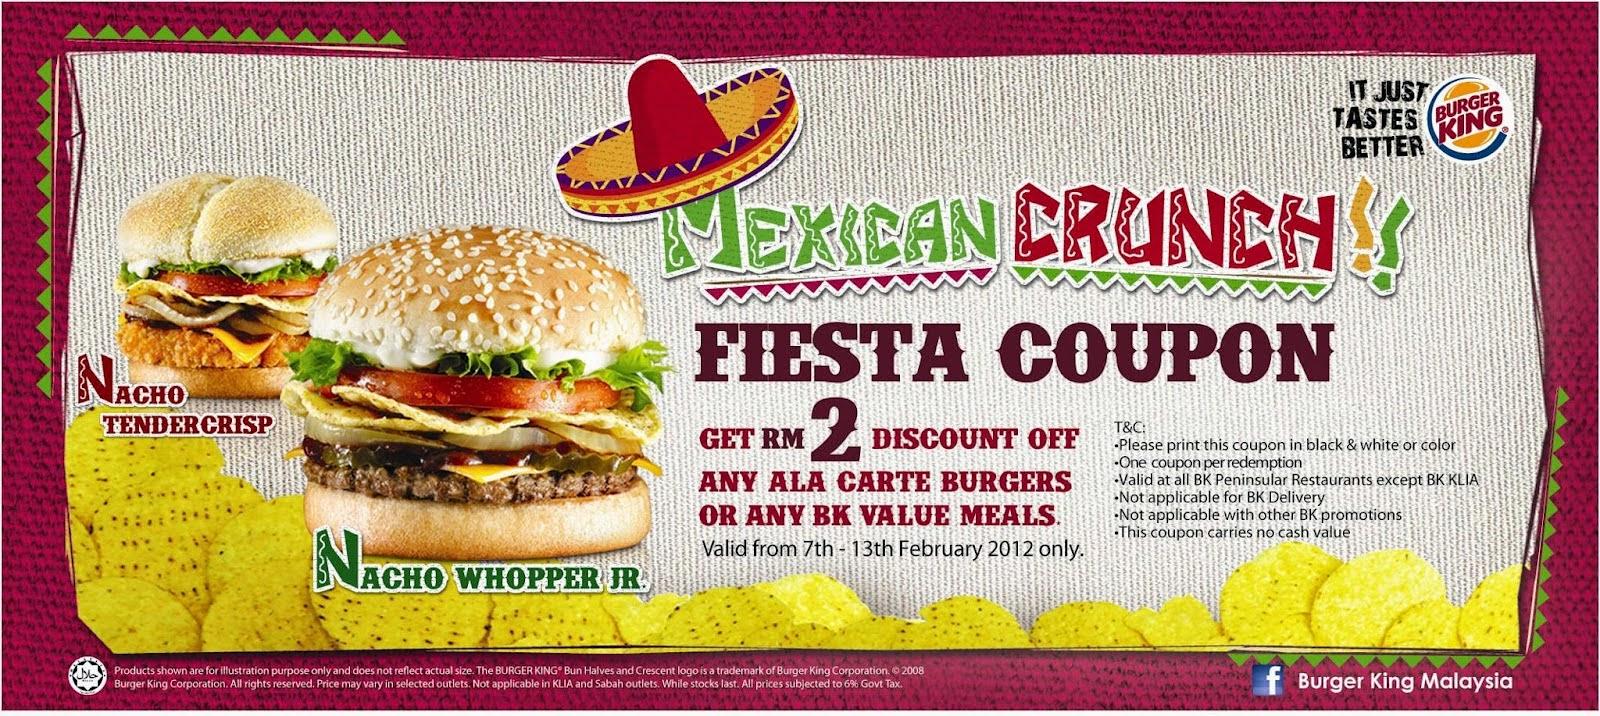 Burger king bocholt coupons